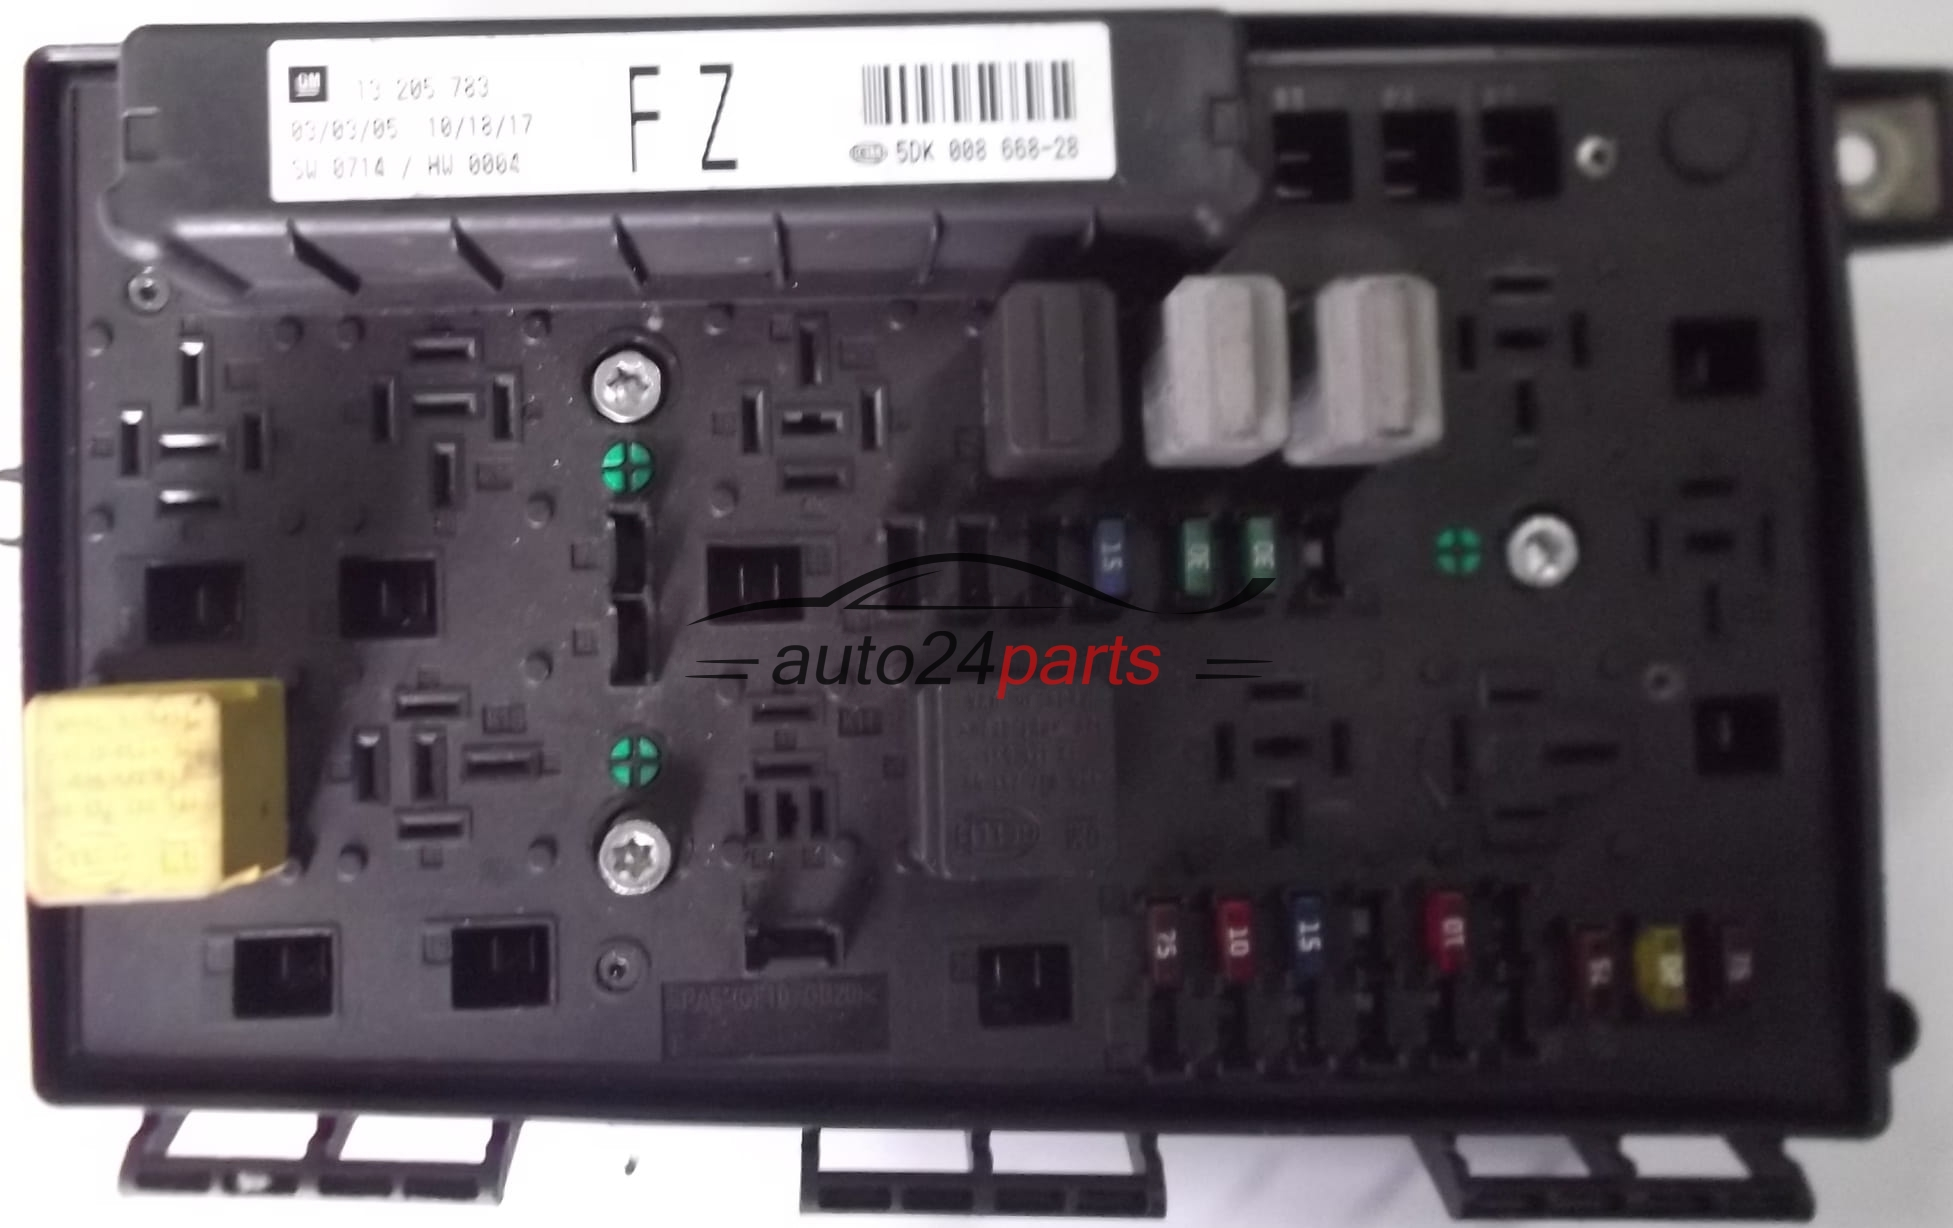 0_0_productGfx_e52fd297f7cbb24fcc5a32d89fafa549 fuse relay box electrical comfort control module body opel zafira relay diagram at bayanpartner.co